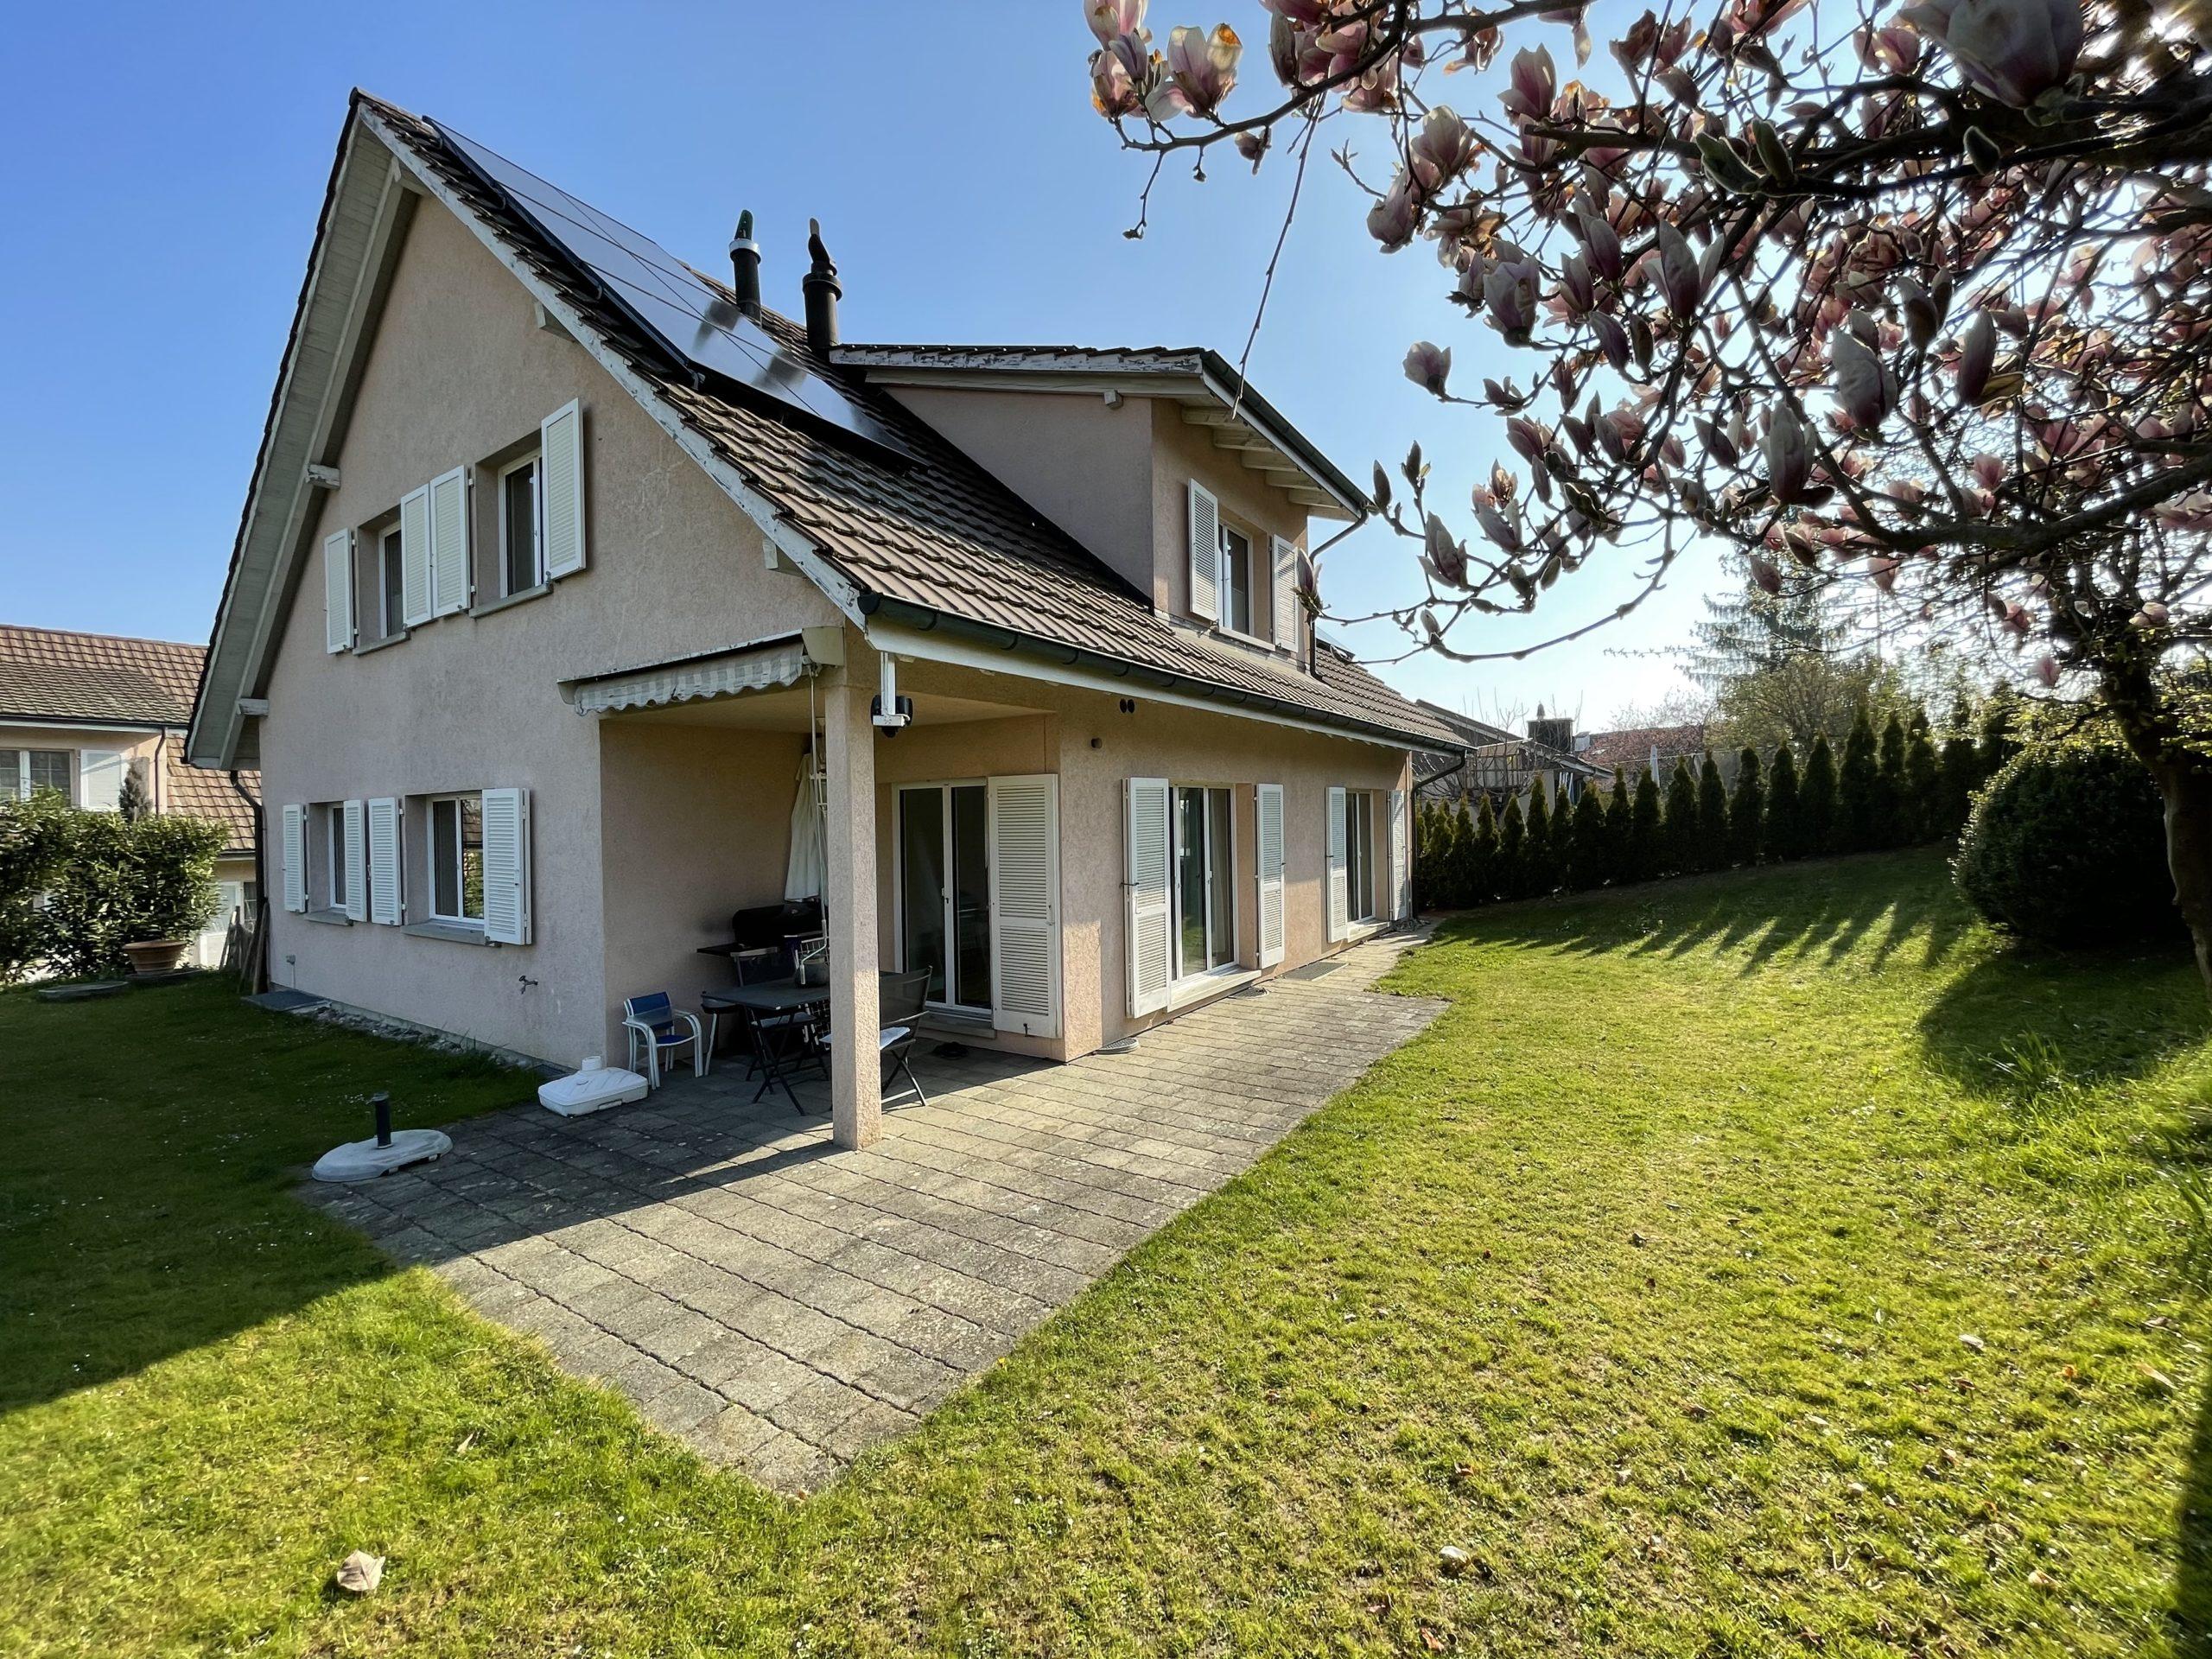 Hochwertig renoviertes 6 Zimmer Einfamilienhaus in bester Lage Kreuzlingens